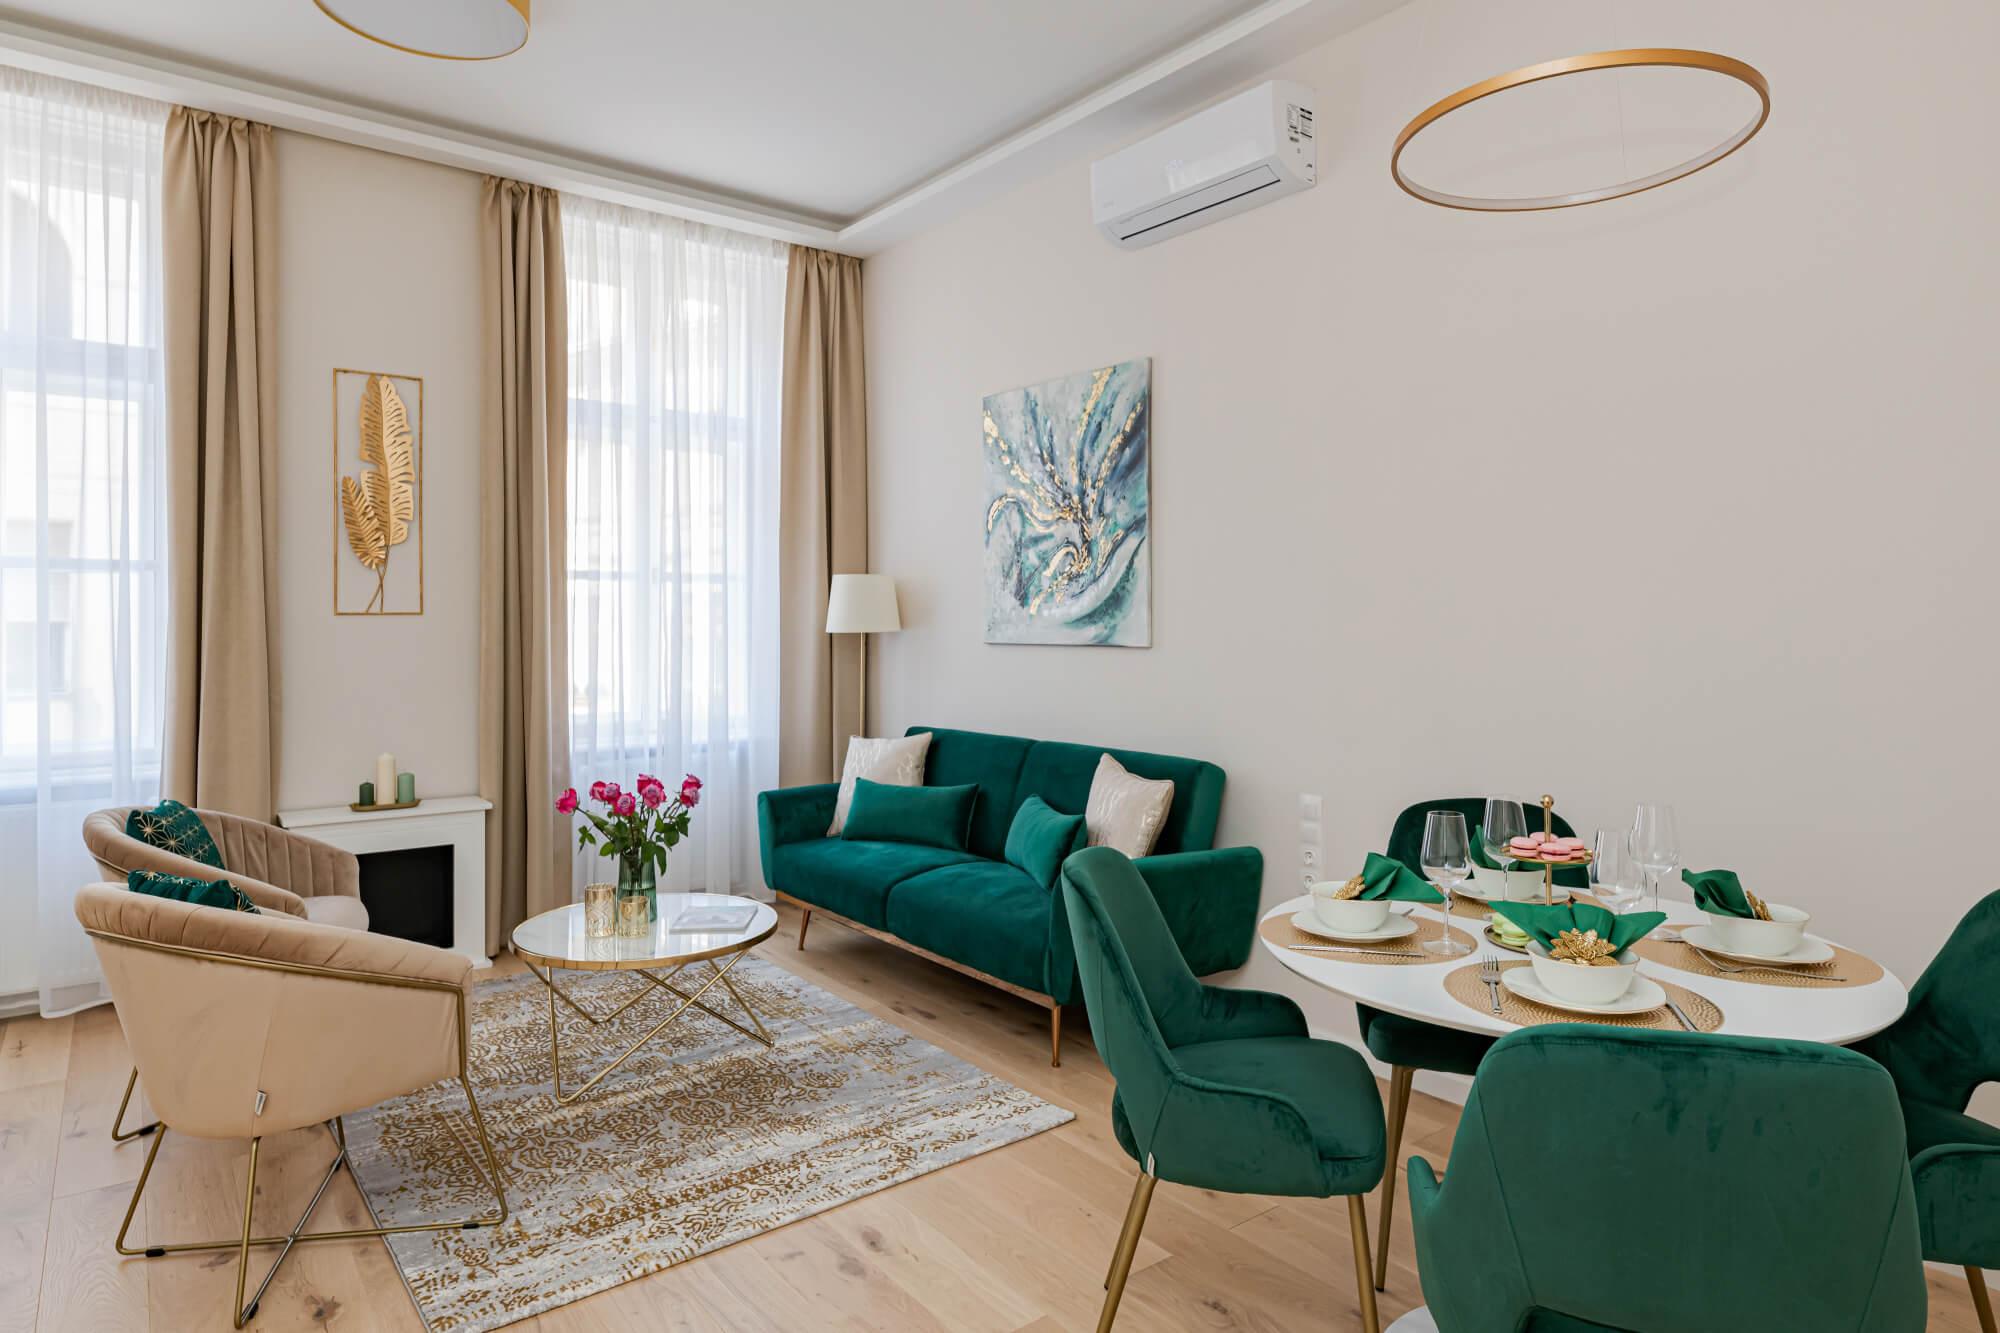 Elegancia és prémium minőség: nézze meg ezt a gyönyörű V. kerületi luxuslakást